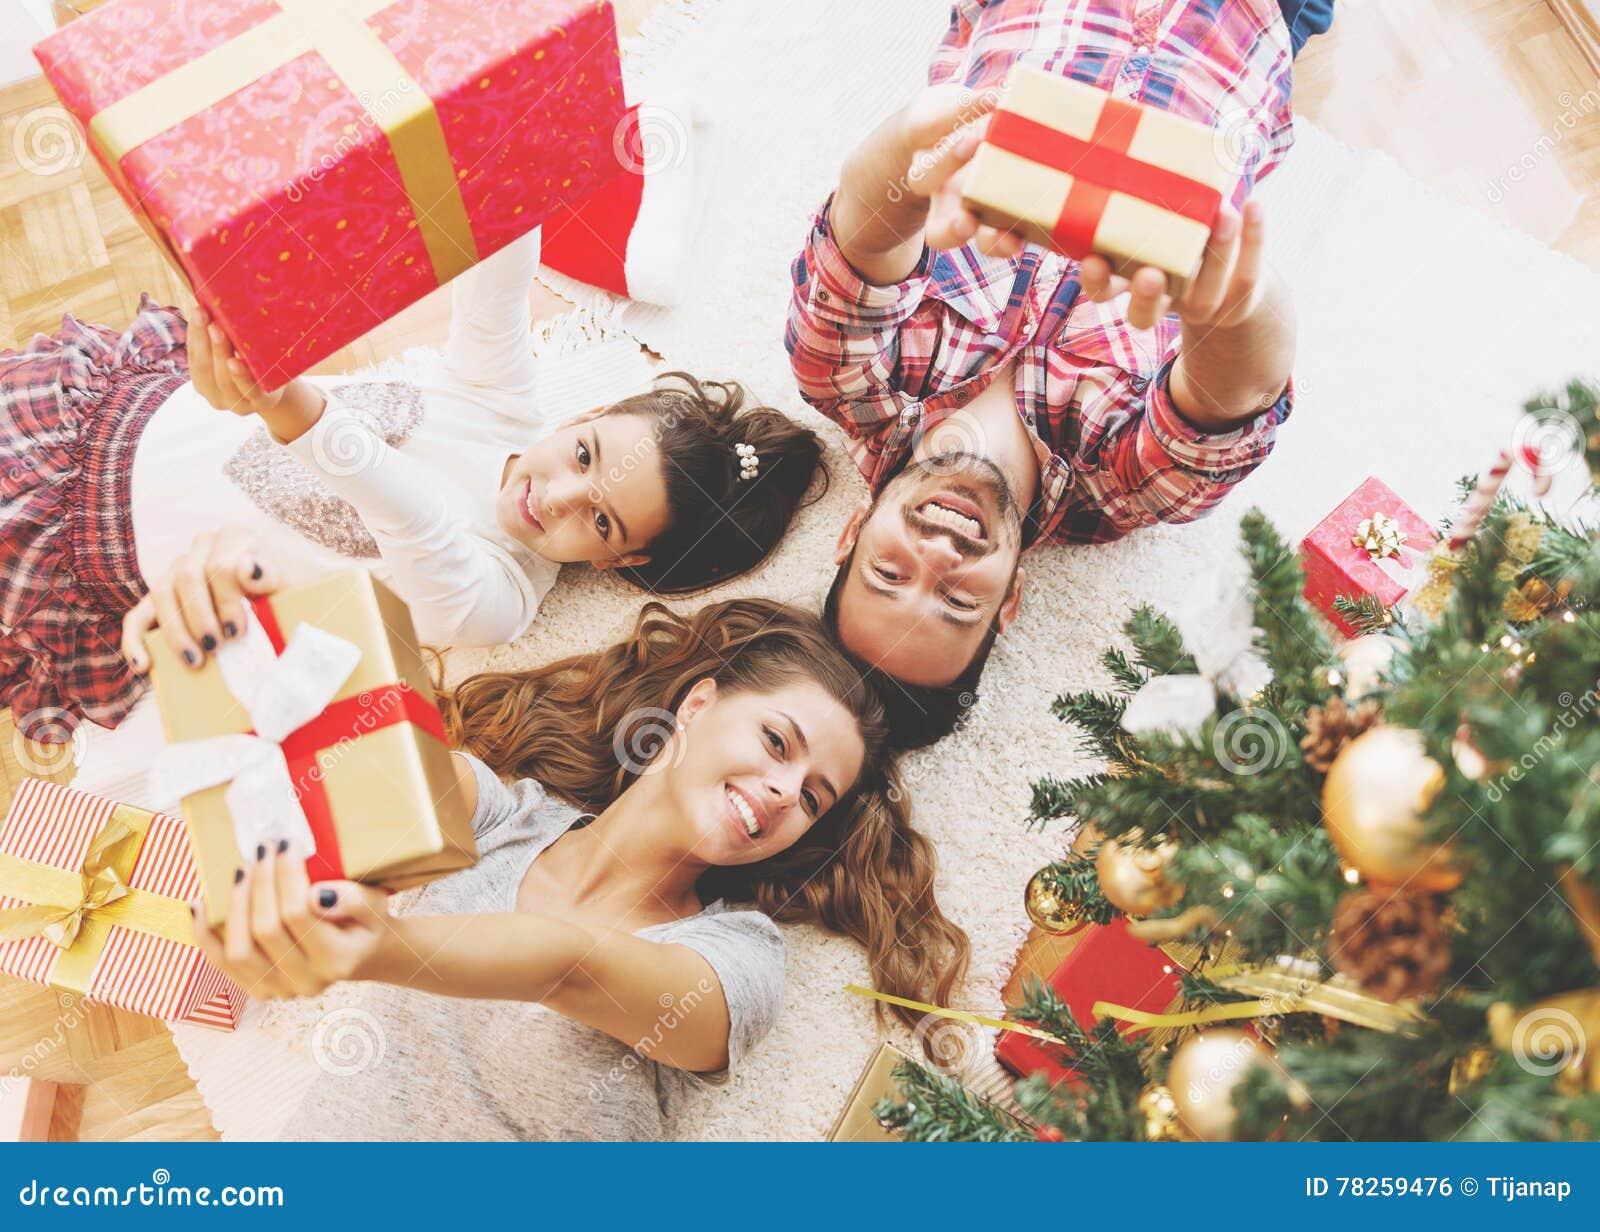 Η οικογένεια συλλέγει γύρω από ένα χριστουγεννιάτικο δέντρο, το κράτημα παρουσιάζει